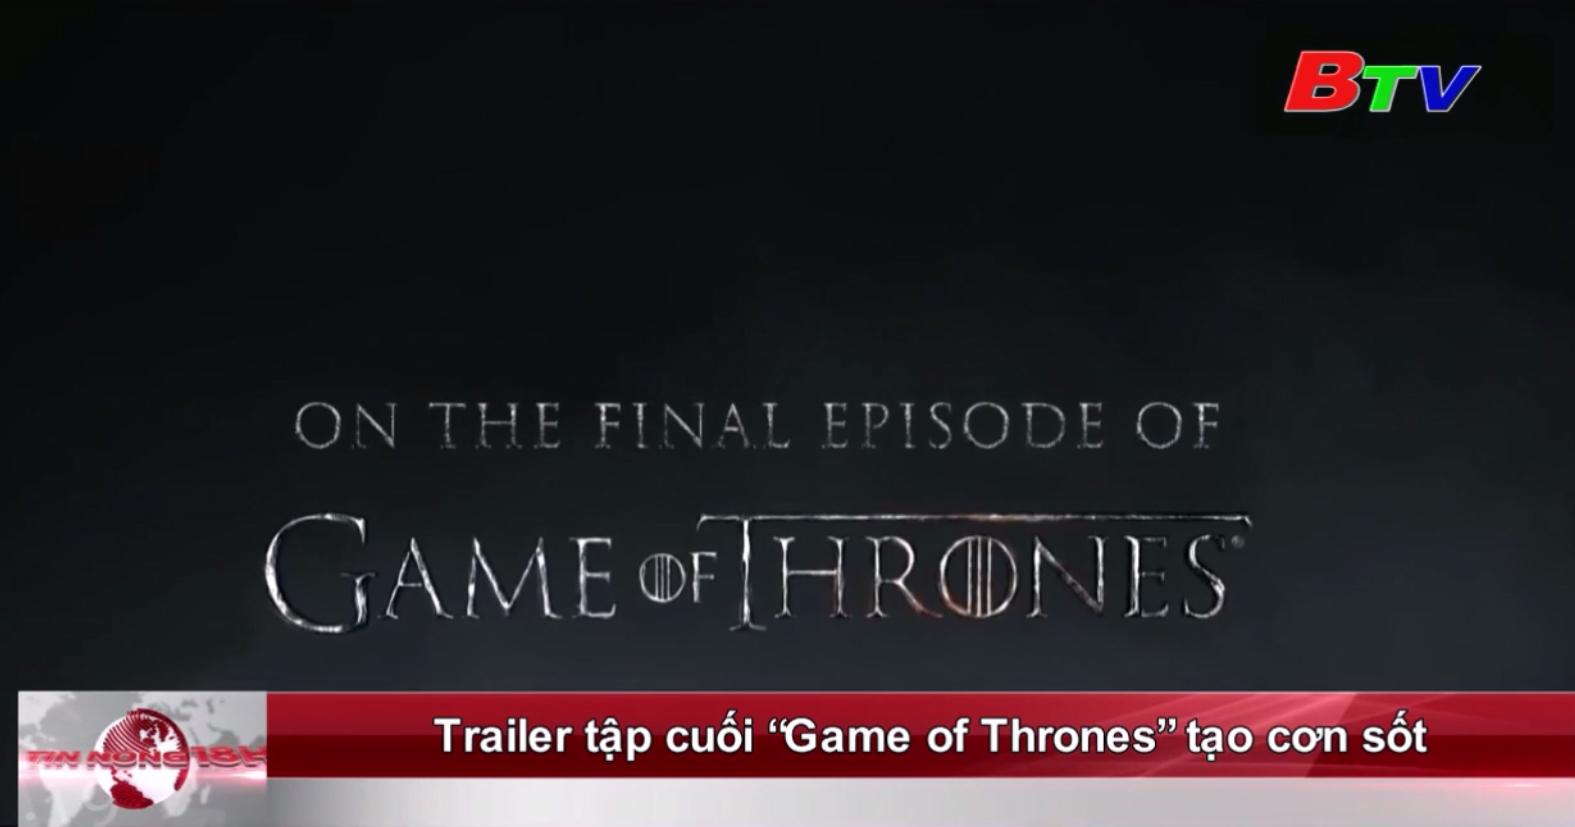 Trailer tập cuối